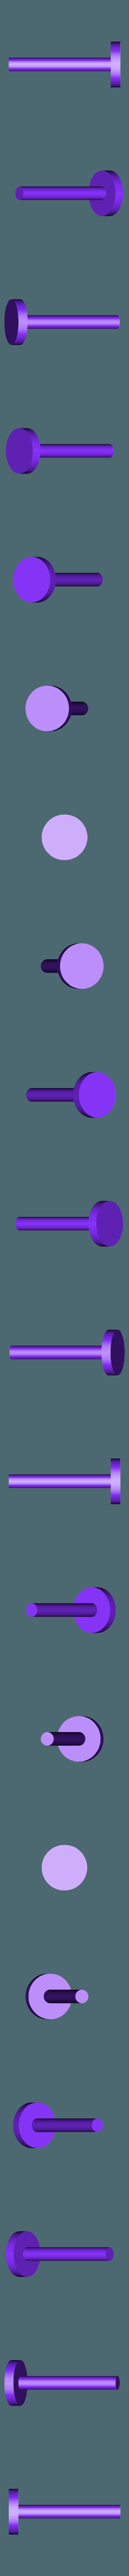 STL_S5_v20_Knob_2_.stl Download free STL file Star Wars Naboo S5 Heavy Blaster Pistol • 3D printing design, Dsk